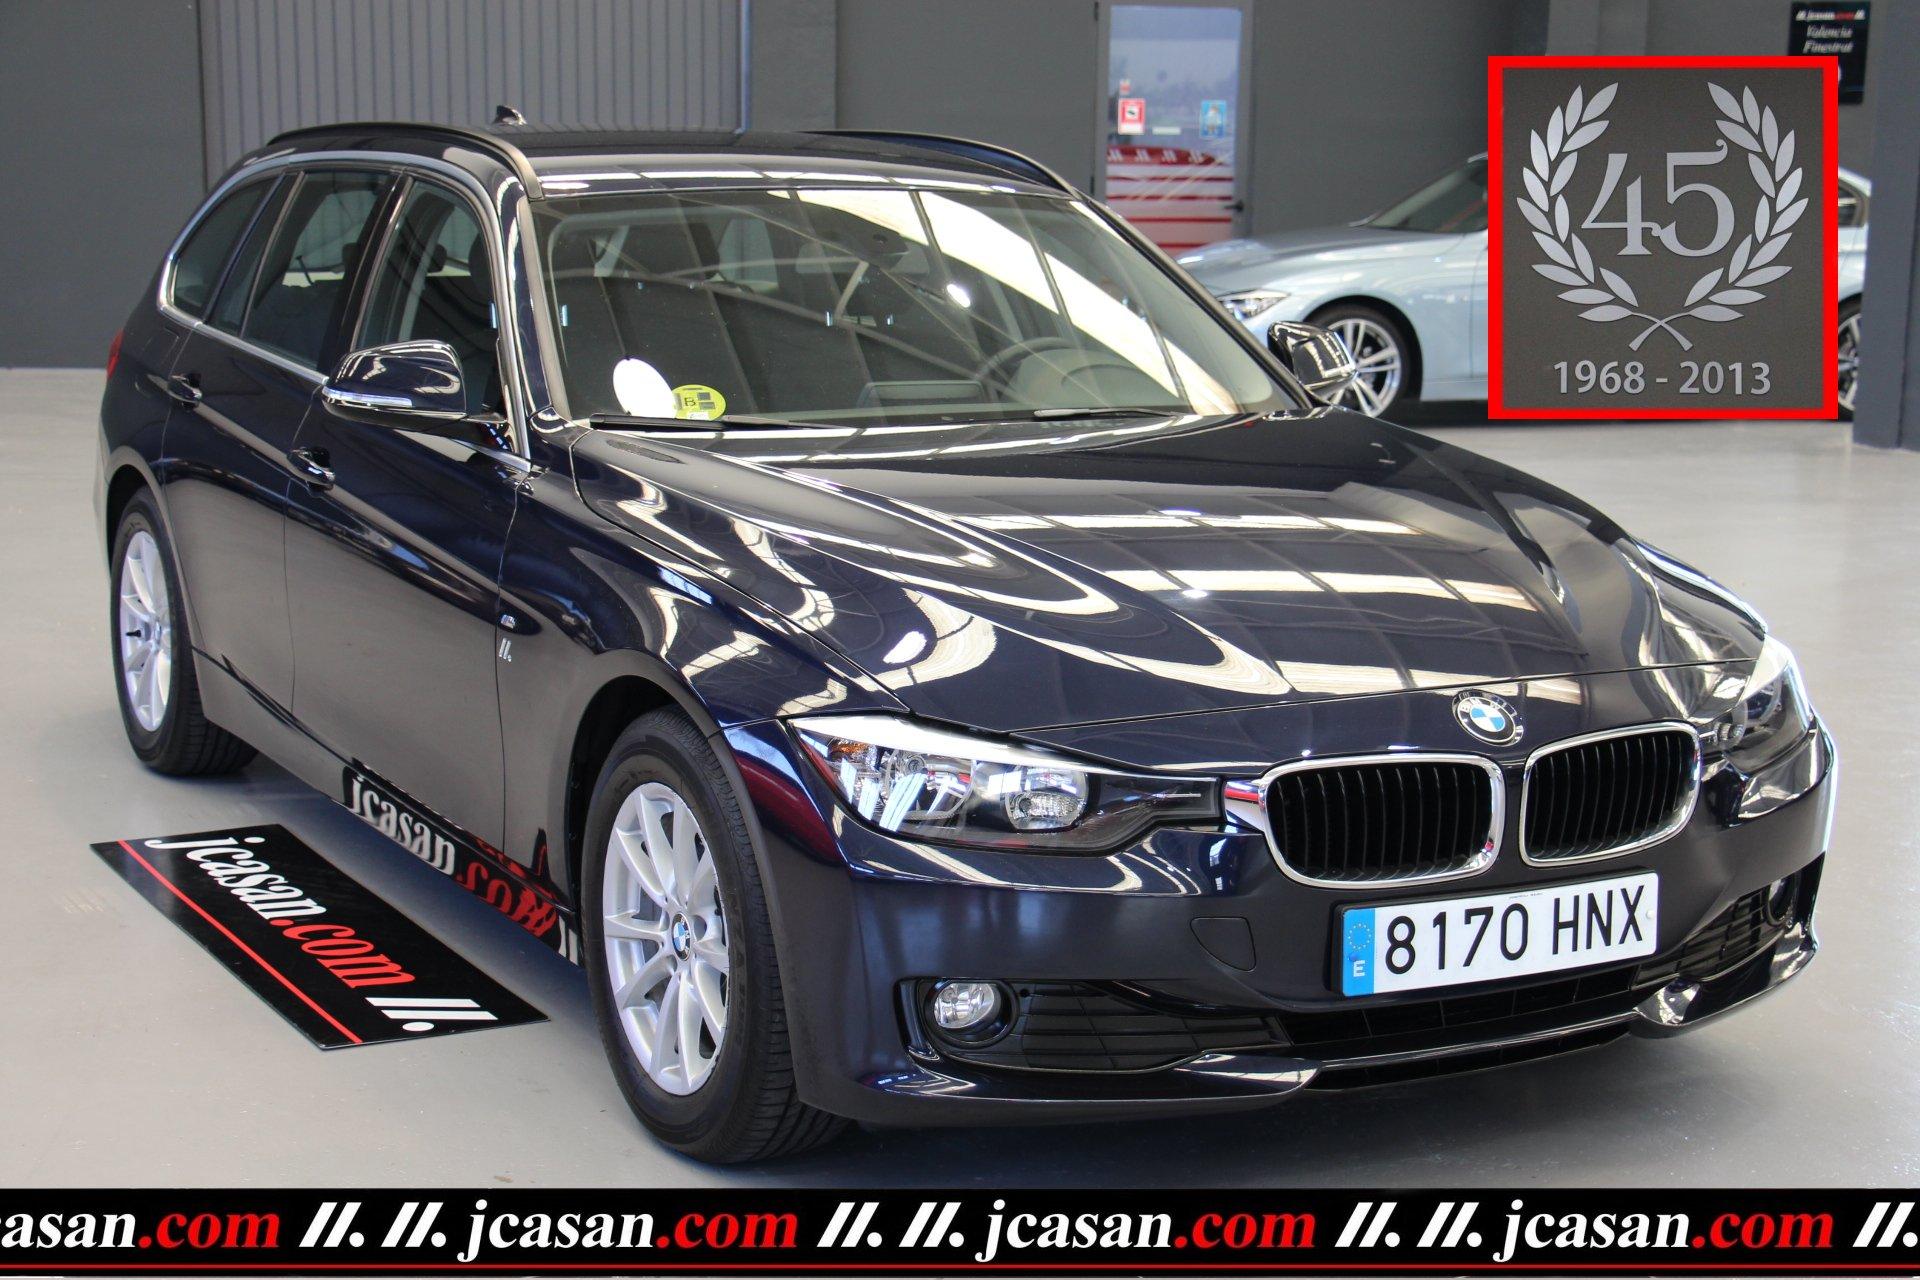 BMW 318d 143 CV TOURING AUTOMATICO